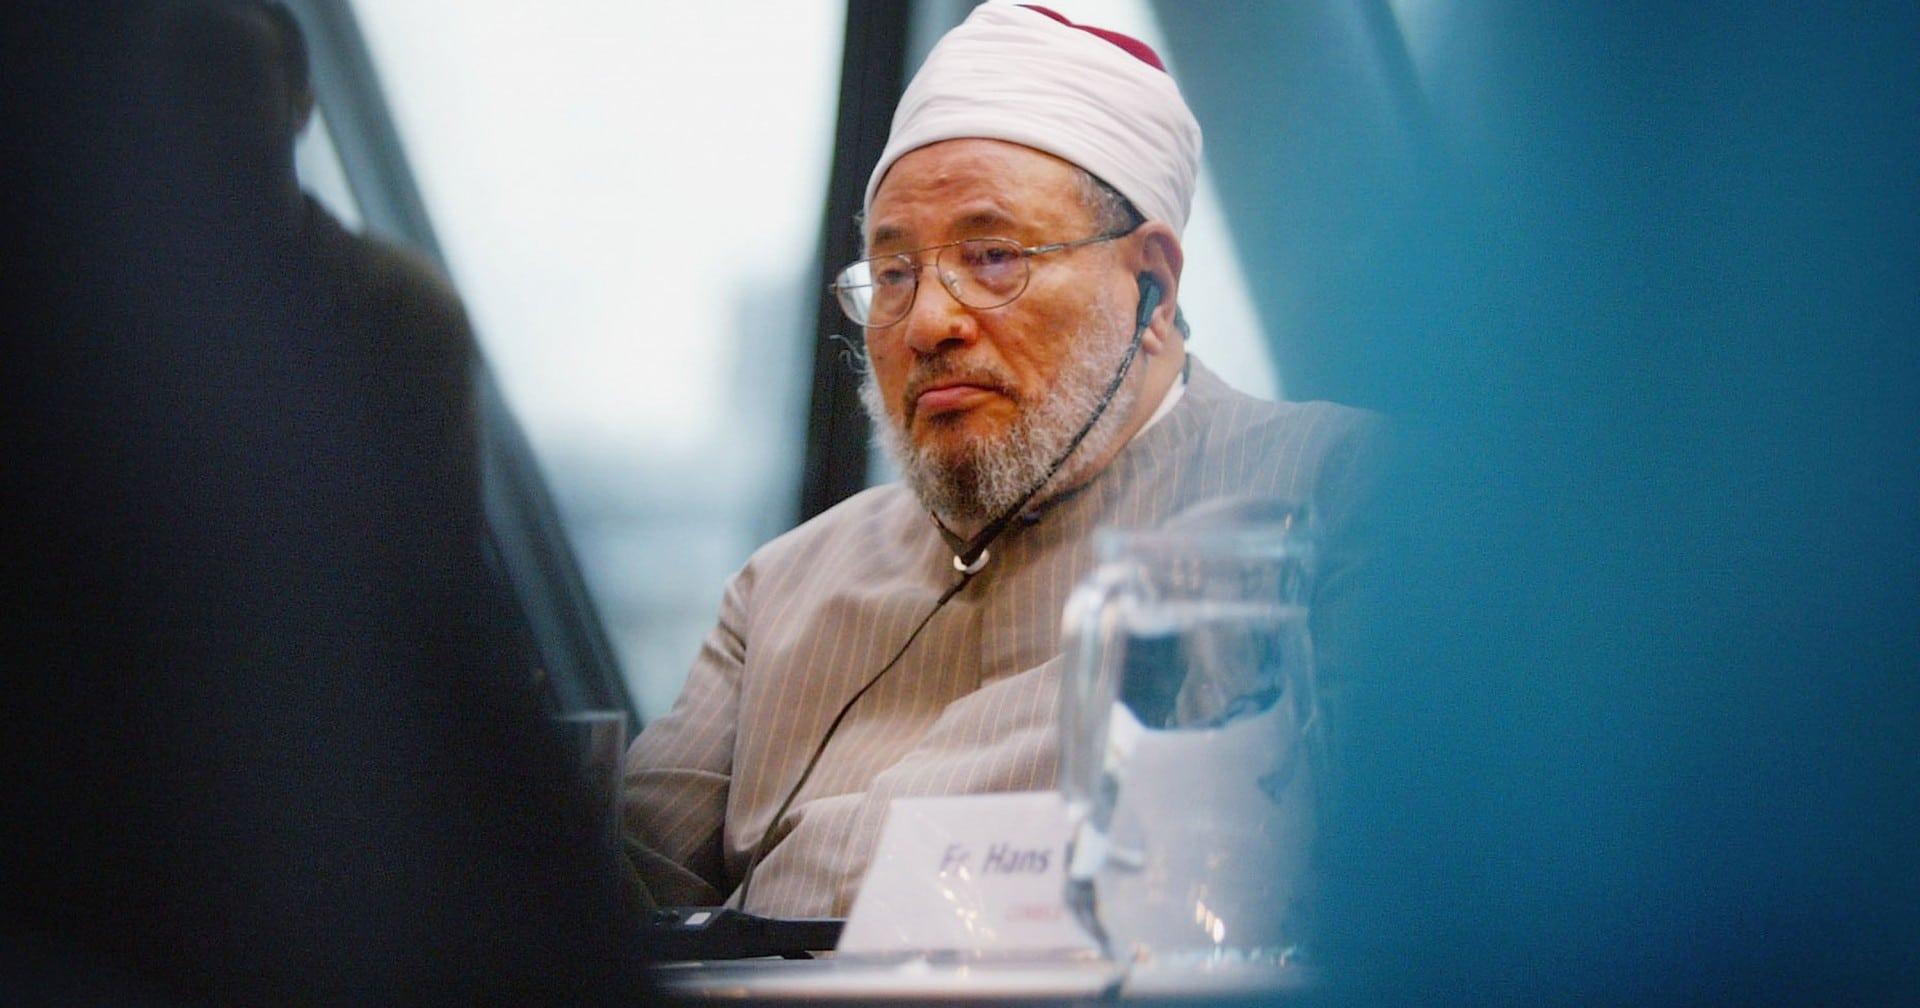 هذا ما قاله يوسف القرضاوي عن محنة المسلمين في المسجد الأقصى.. ما قصة الطيب والخبيث؟